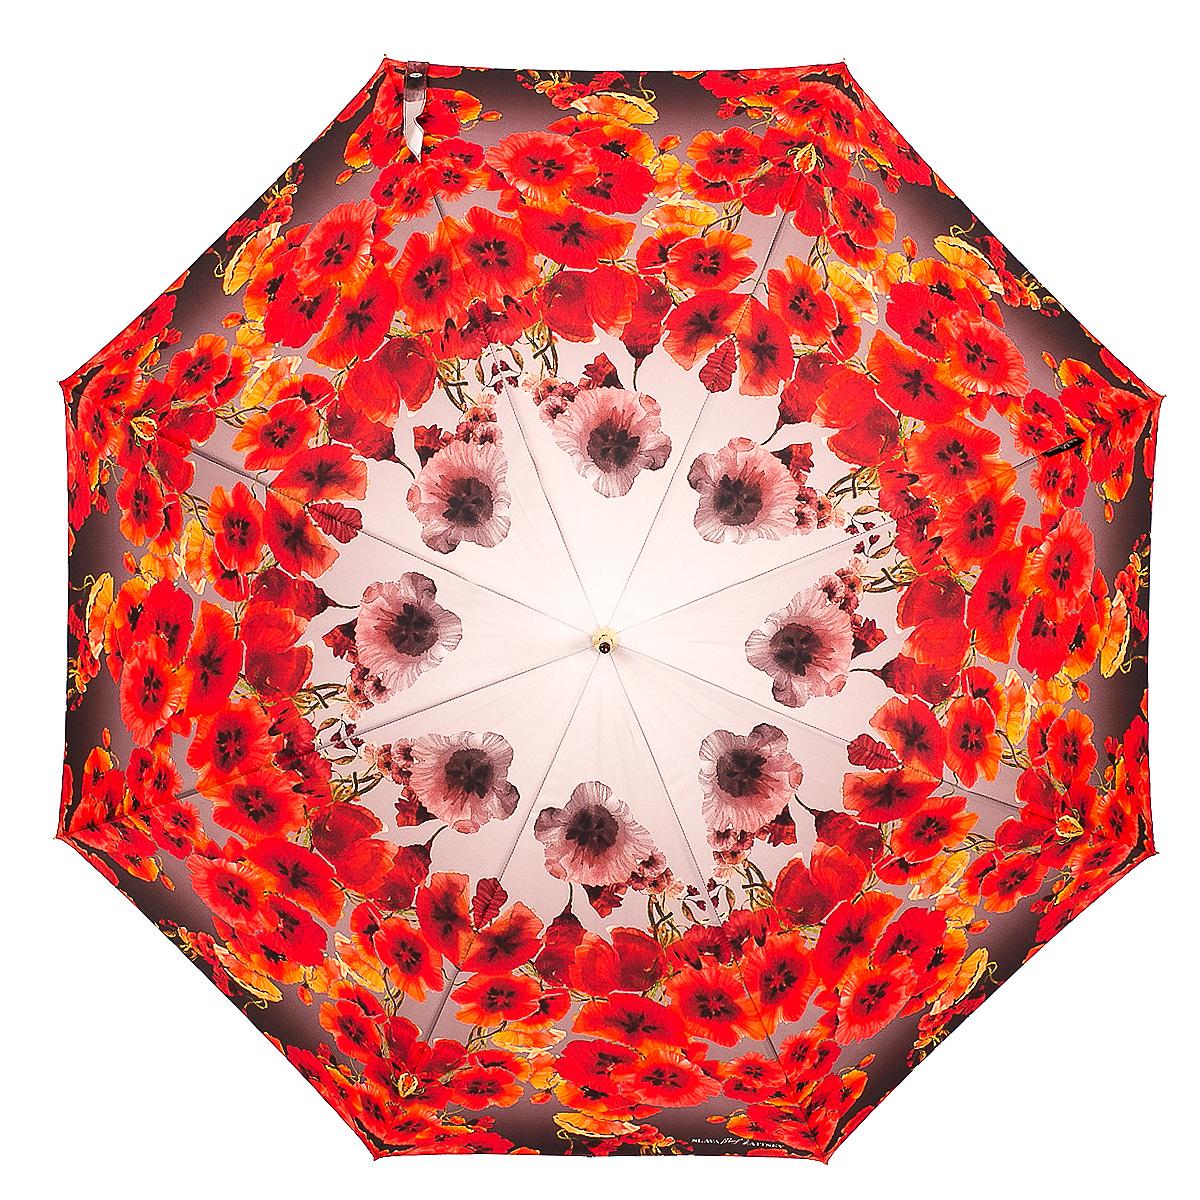 Зонт-трость женский Slava Zaitsev, механика, цвет: красный, молочный. 045K50K503414_0010Оригинальный зонт-трость Slava Zaitsev надежно защитит вас от непогоды. Купол, выполненный из высококачественного полиэстера, который не пропускает воду, оформлен оригинальным принтом. Каркас зонта и спицы выполнены из высококачественного металла. Зонт имеет механический тип сложения: открывается и закрывается вручную до характерного щелчка. Удобная ручка выполнена из пластика.